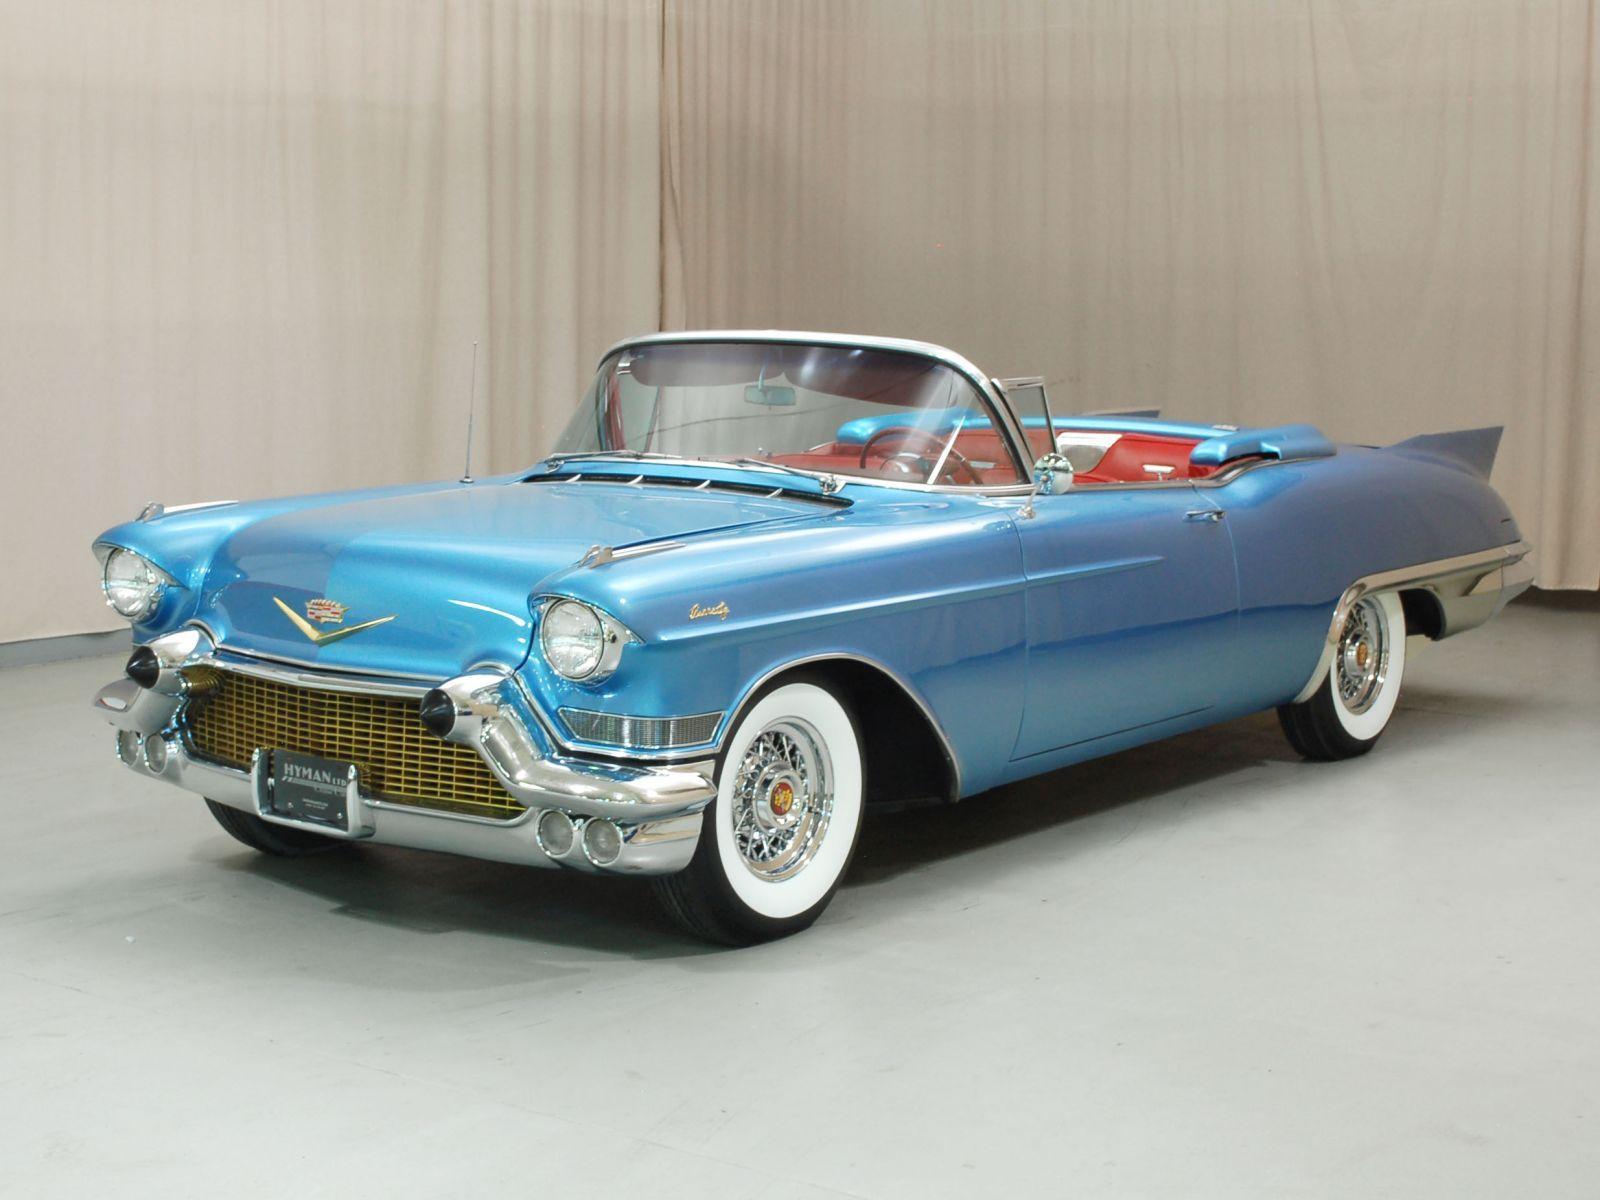 1957 Cadillac Eldorado - Hyman Ltd. Classic Cars | Cadillac ...